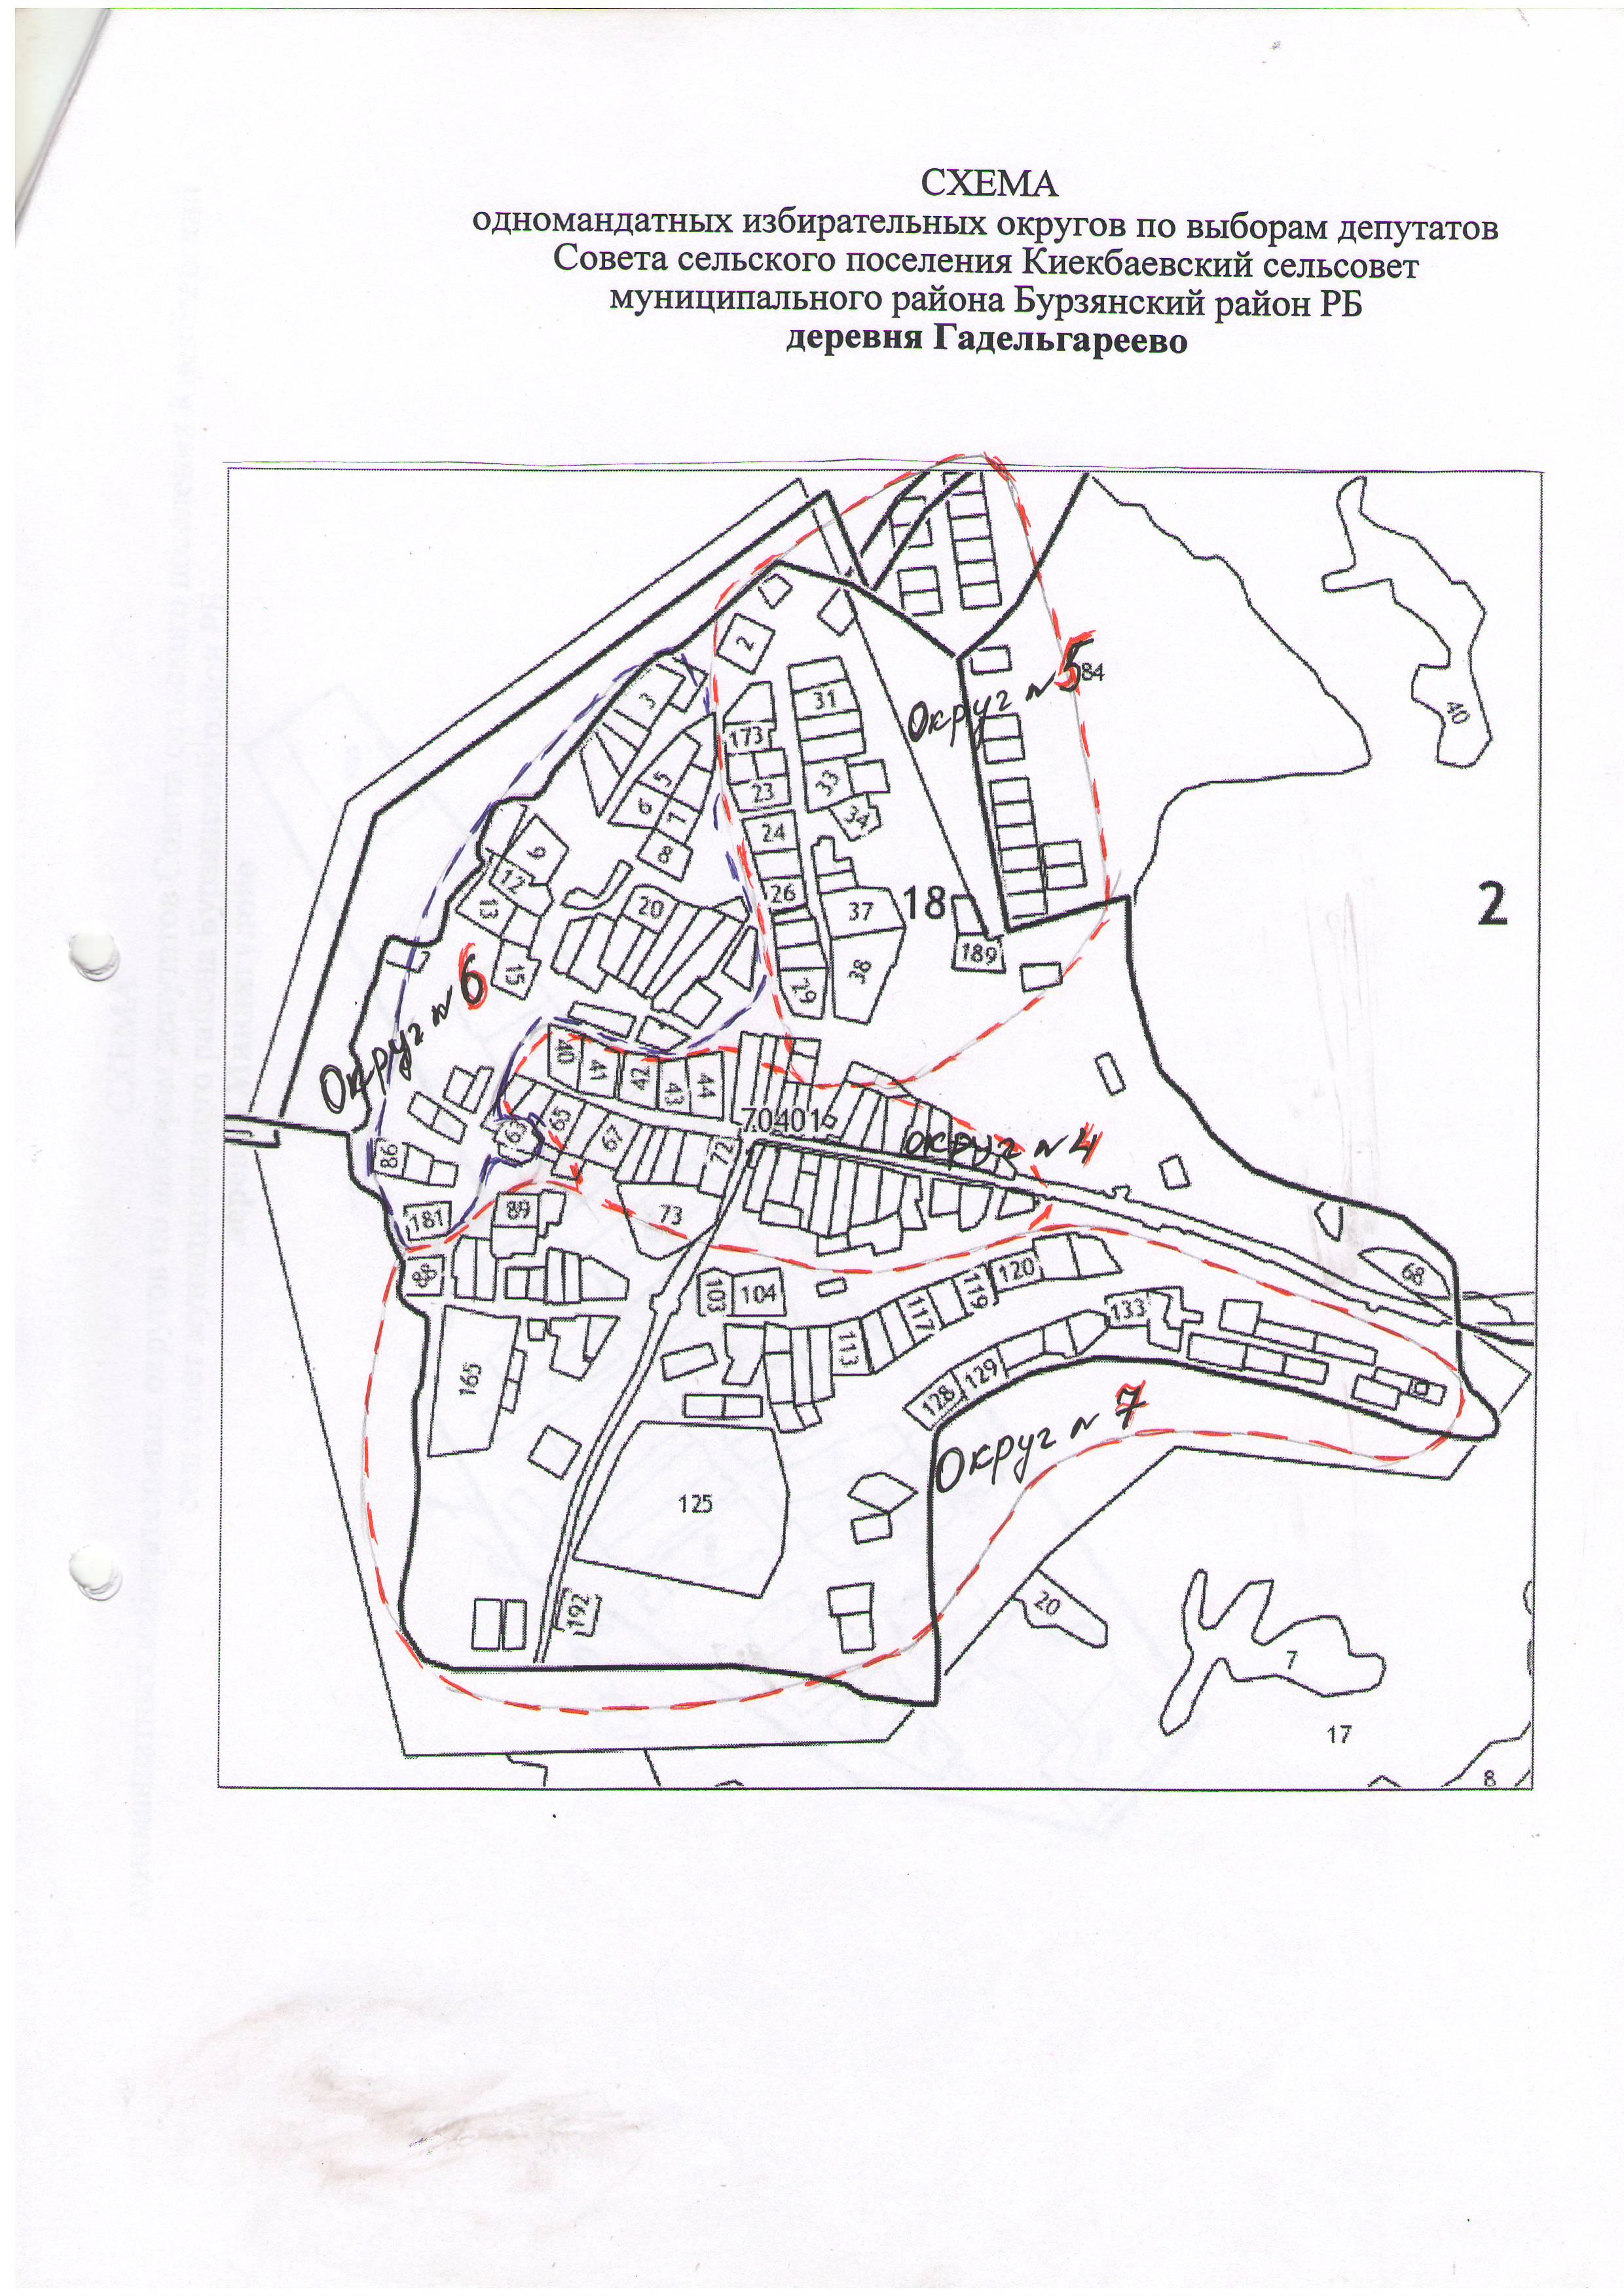 Схема избират. округа д.Гадельга